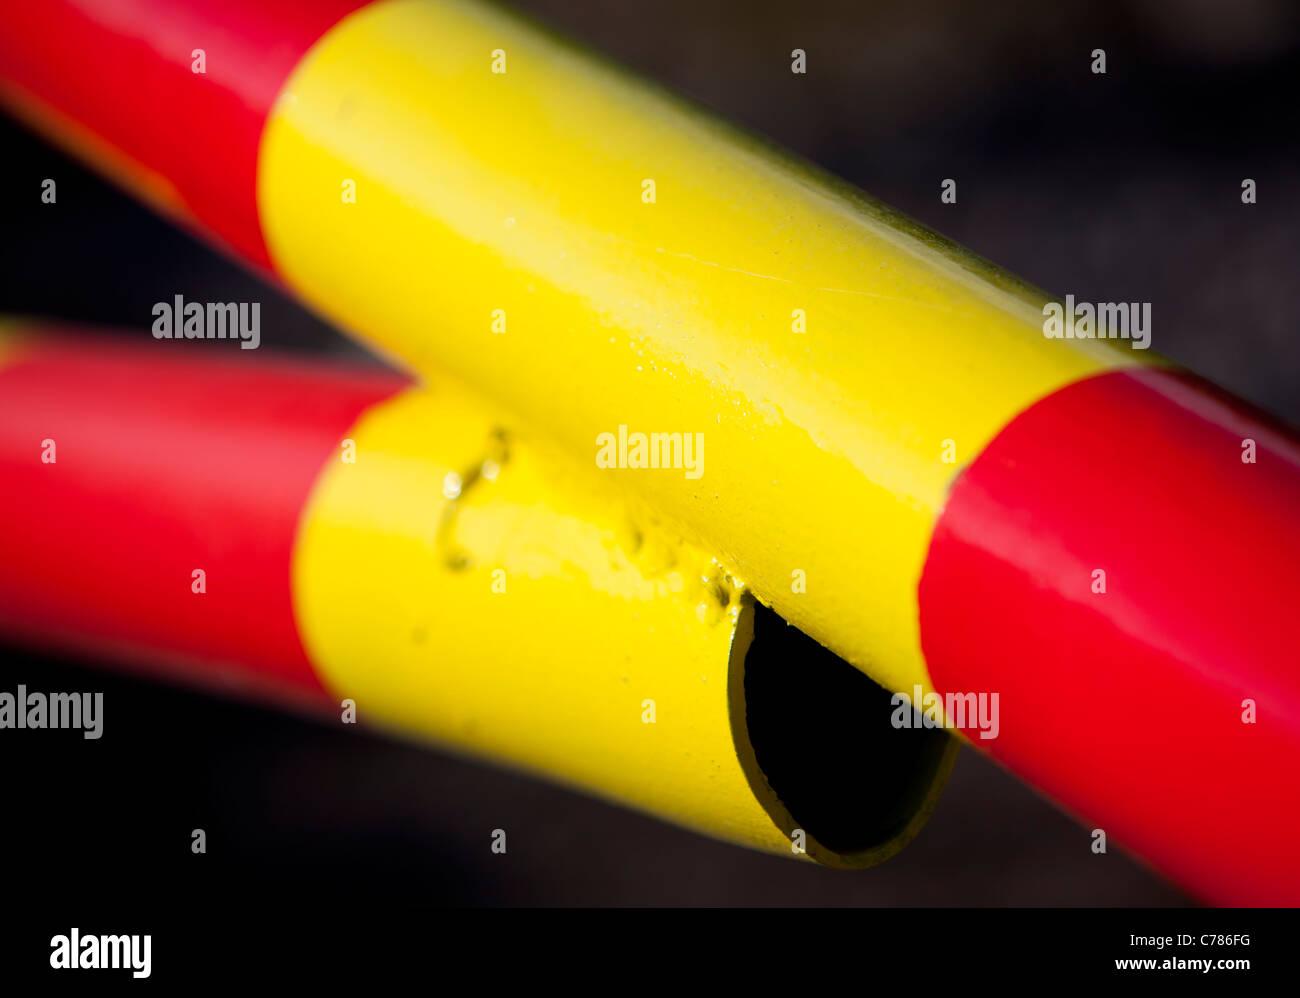 Libre de rouge et jaune de la rampe de métal rayé Photo Stock